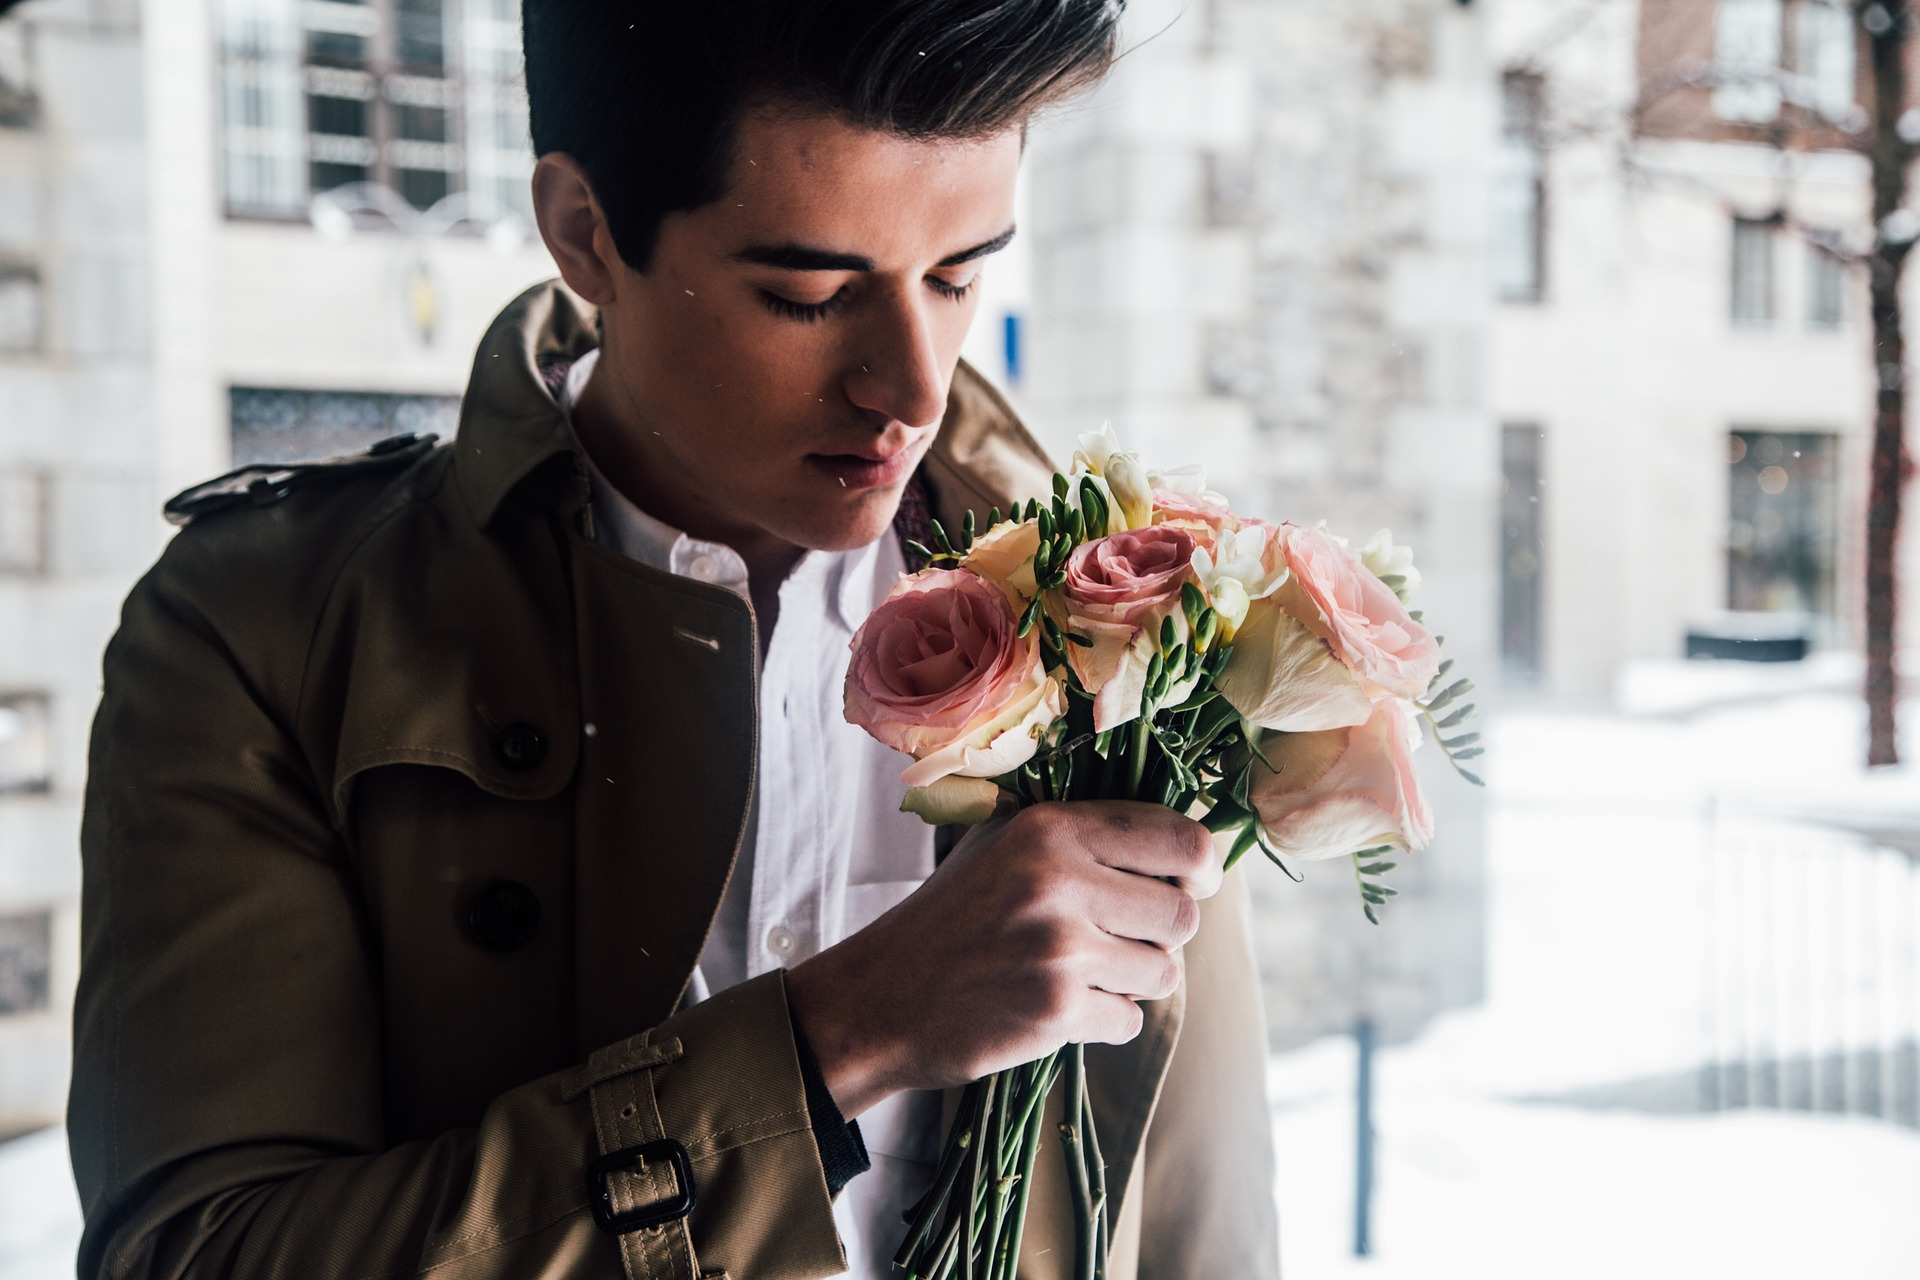 Нормально дарувати квіти чоловікам і в яких випадках варто це робити